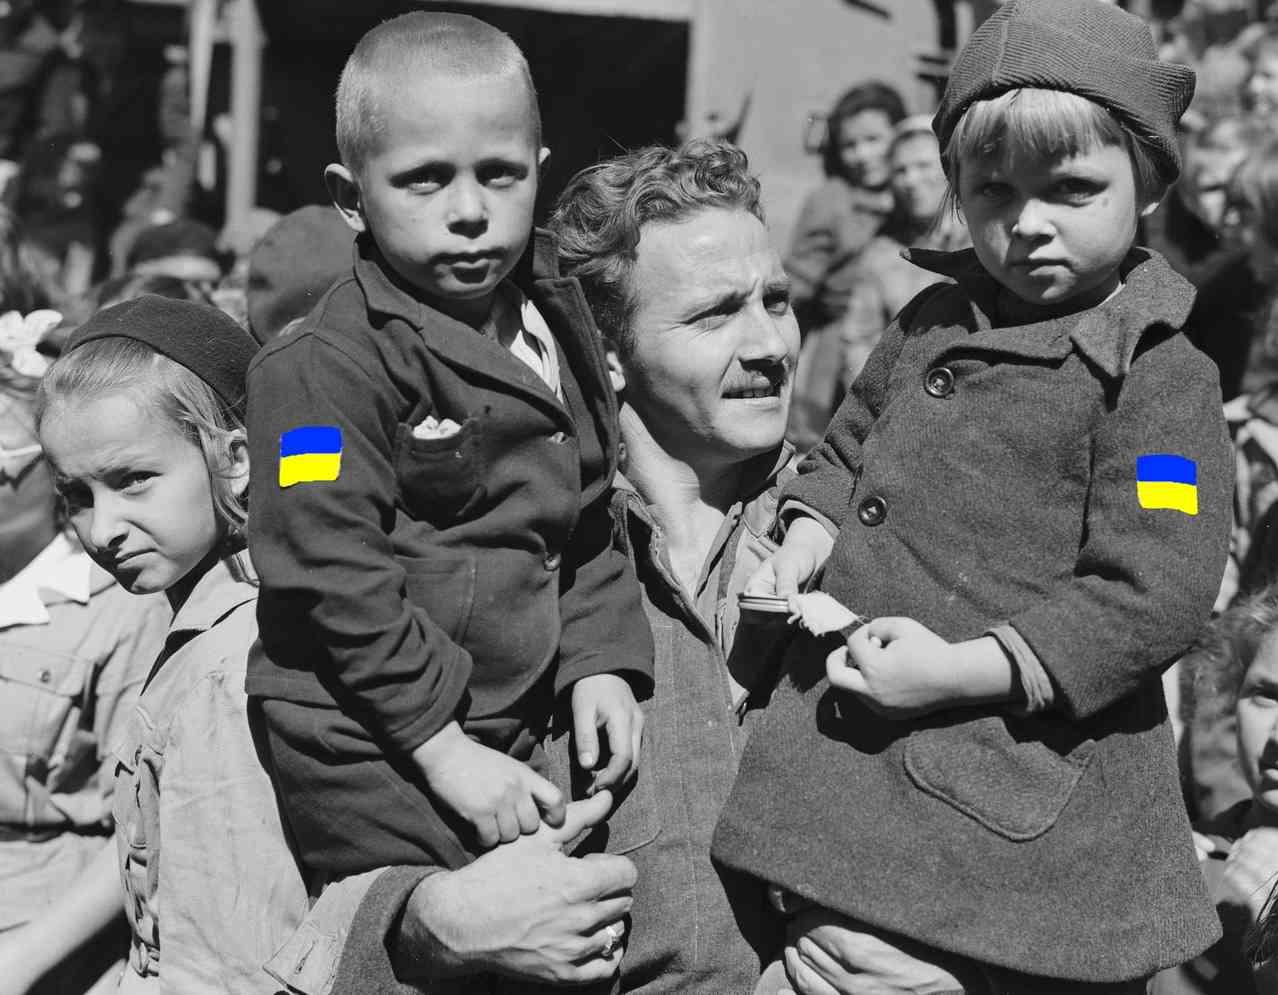 украина продаёт россии детей — сон